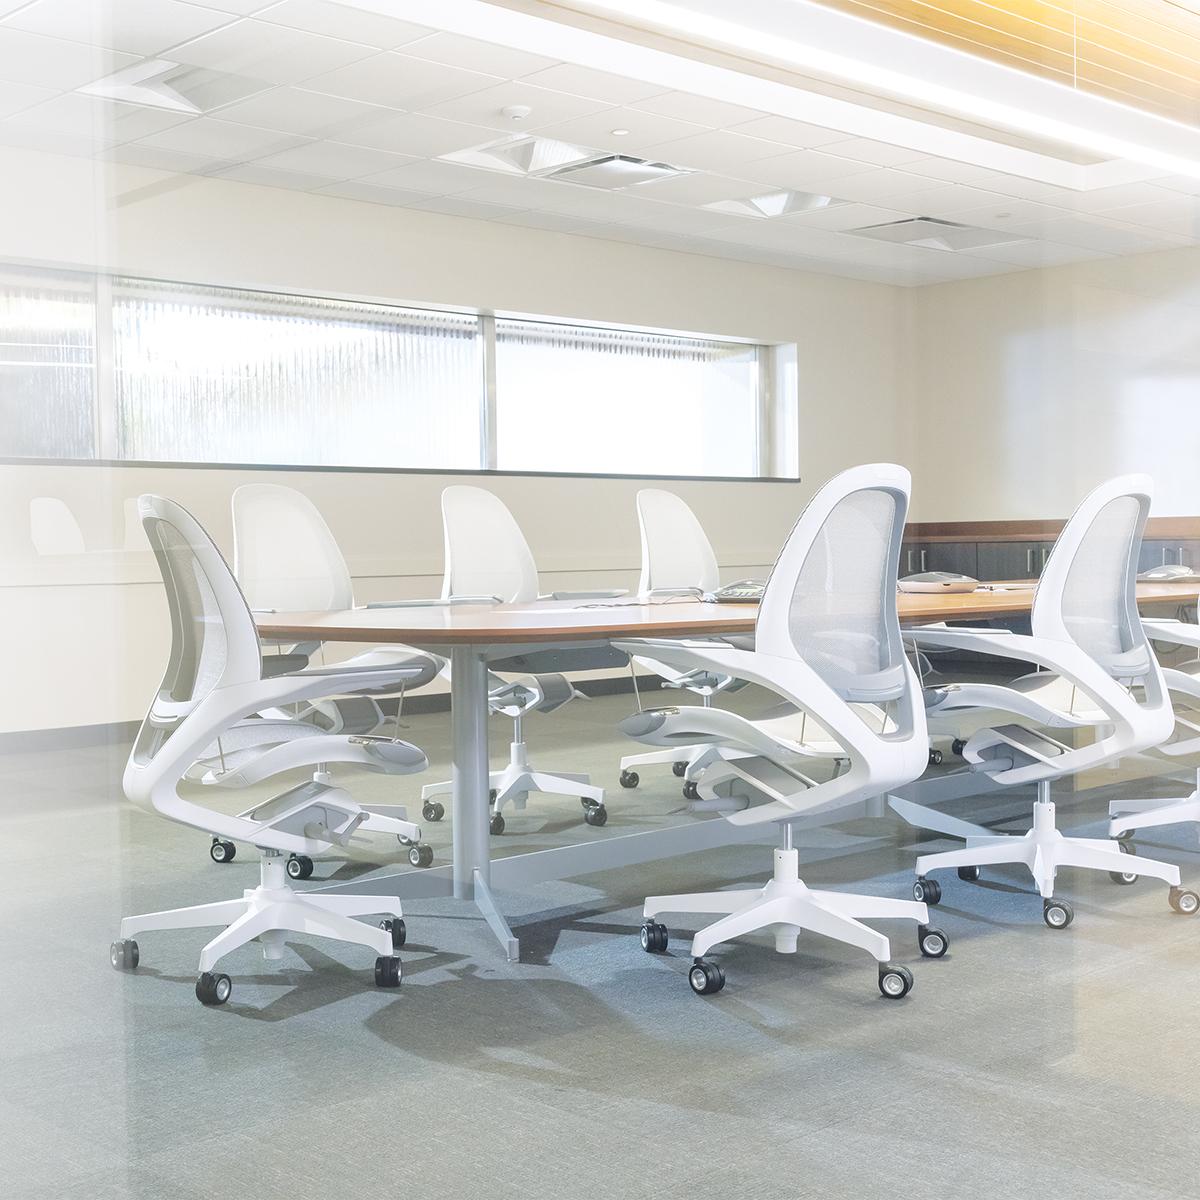 オフィス、会議室、書斎にちょうどよいコンパクトなデザイン。いつでも「気持ちいい仕事姿勢」が続く次世代のワーキングチェア|Elea Chair